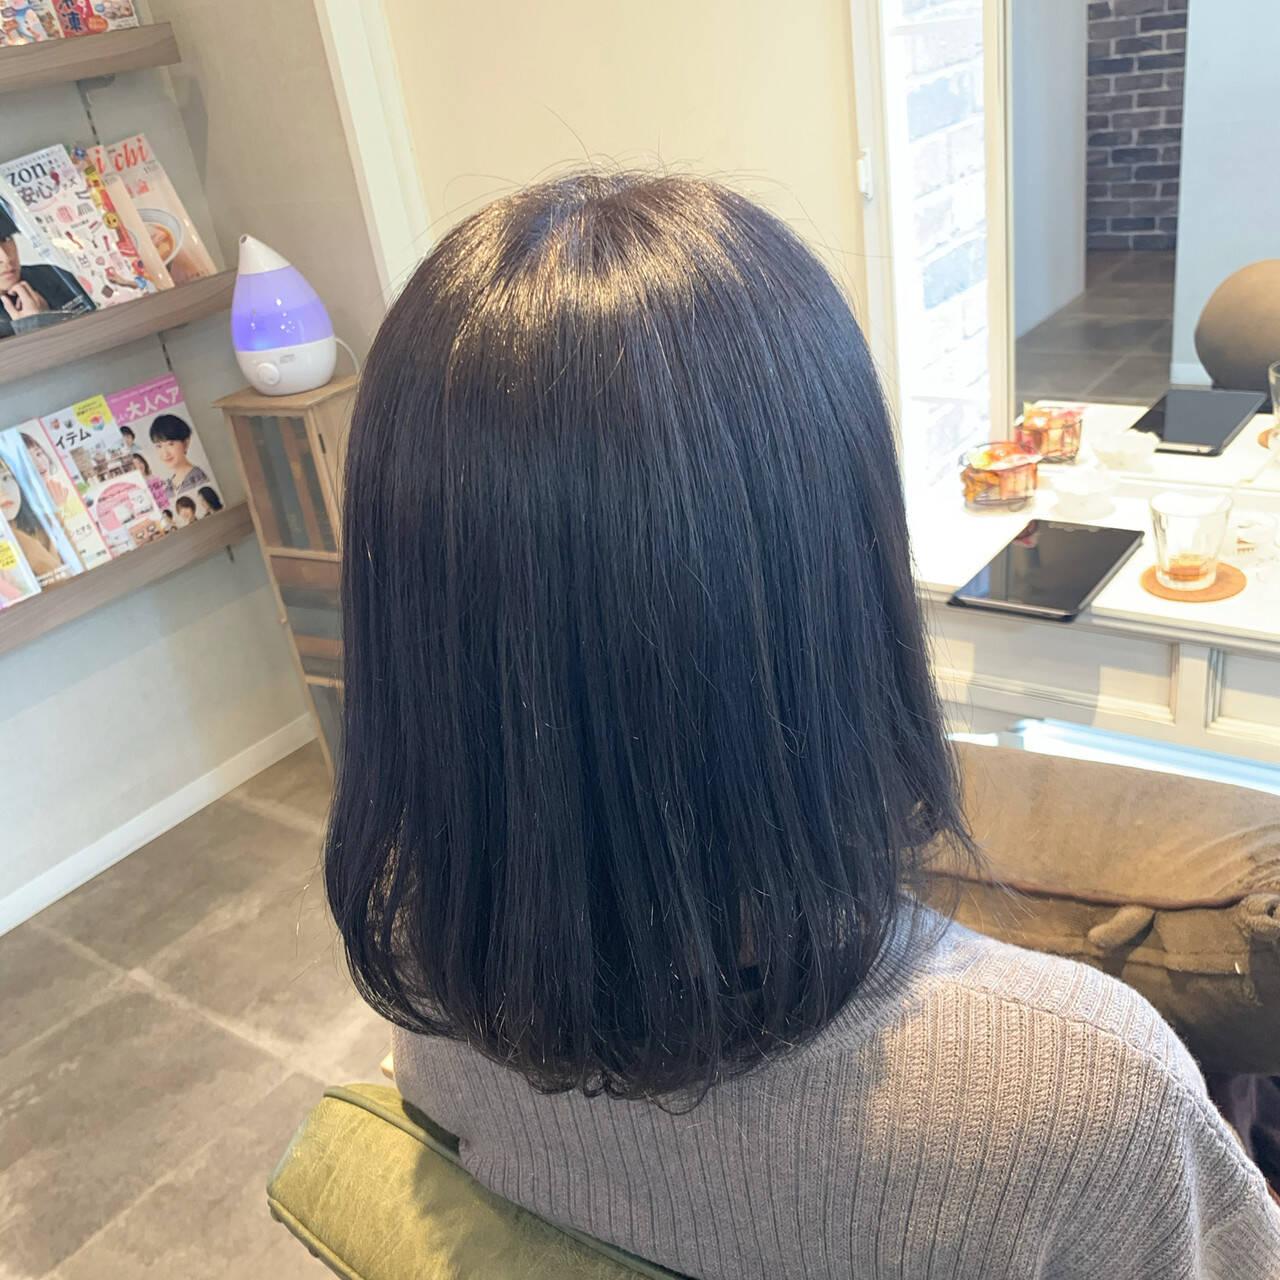 ナチュラル ブルーバイオレット 暗髪 暗色カラーヘアスタイルや髪型の写真・画像